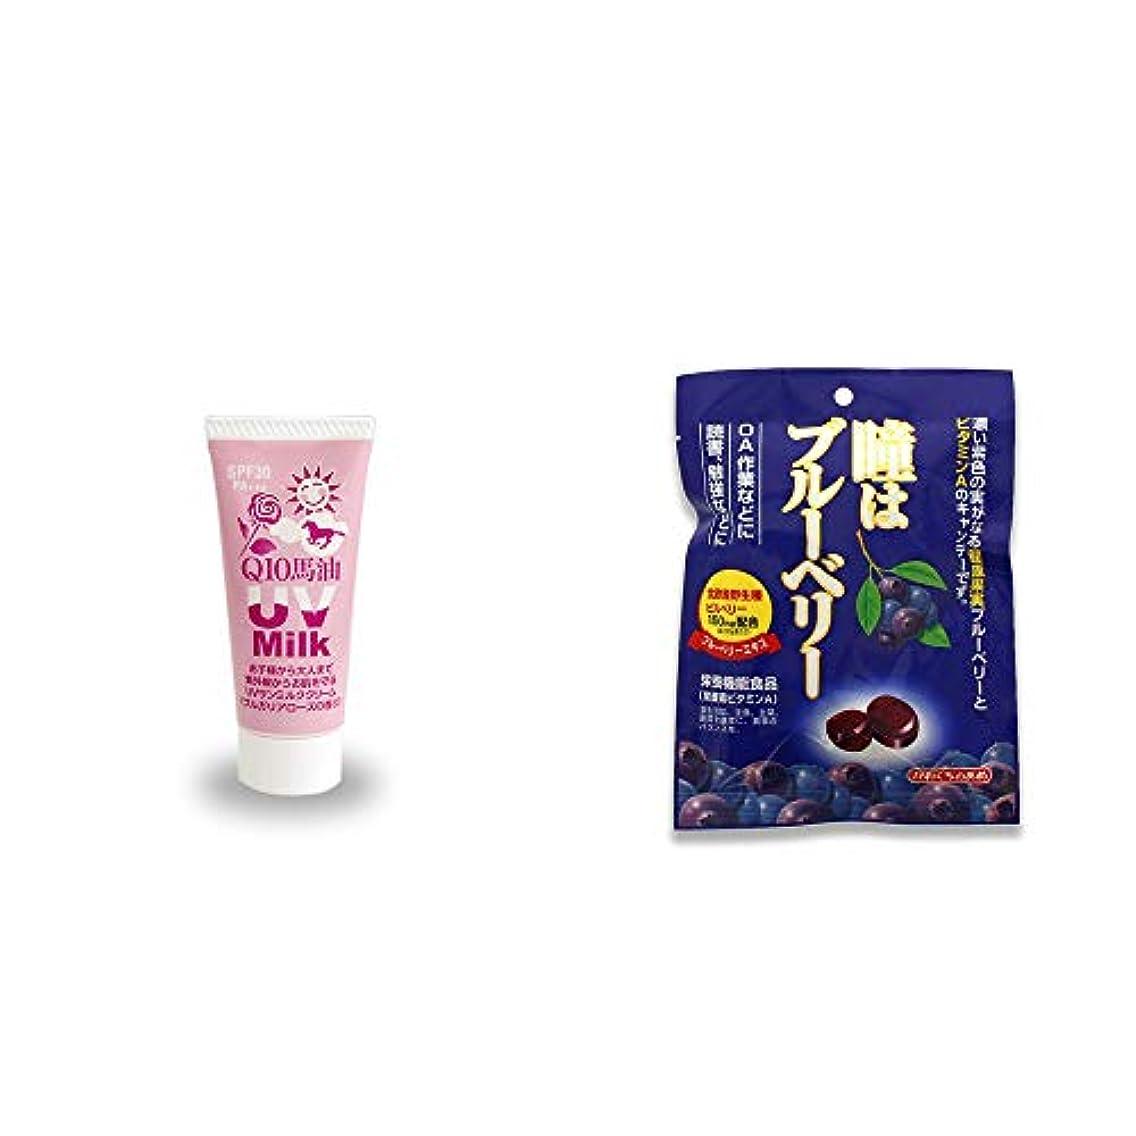 リフト震える揃える[2点セット] 炭黒泉 Q10馬油 UVサンミルク[ブルガリアローズ](40g)?瞳はブルーベリー 健康機能食品[ビタミンA](100g)